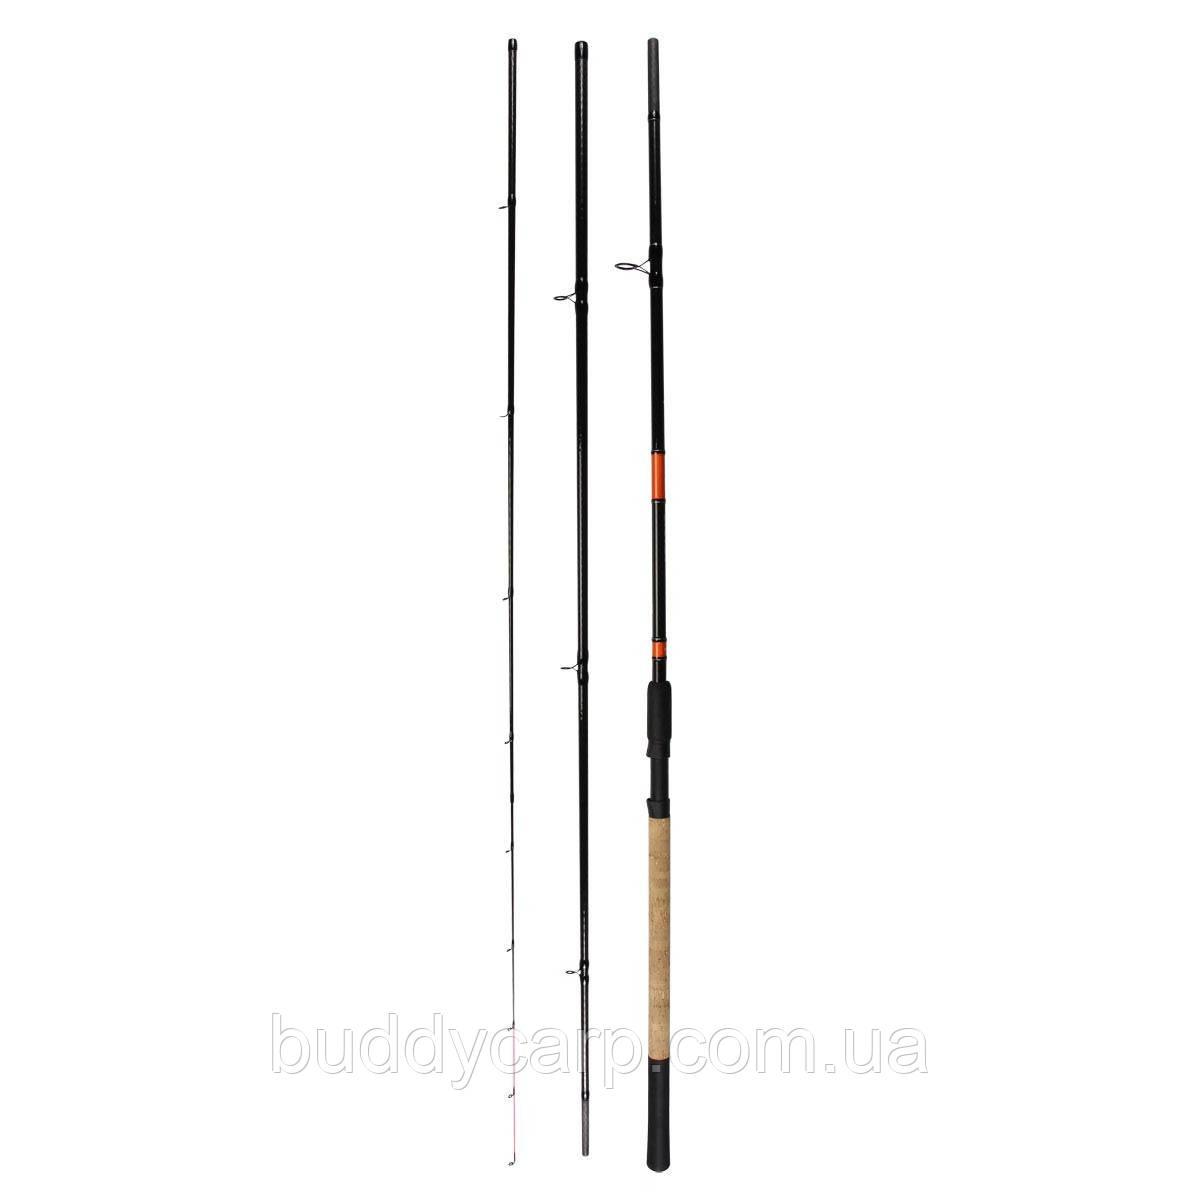 Фидерное удилище 3.9 м тест до 180 гр GC Onnex River Feeder